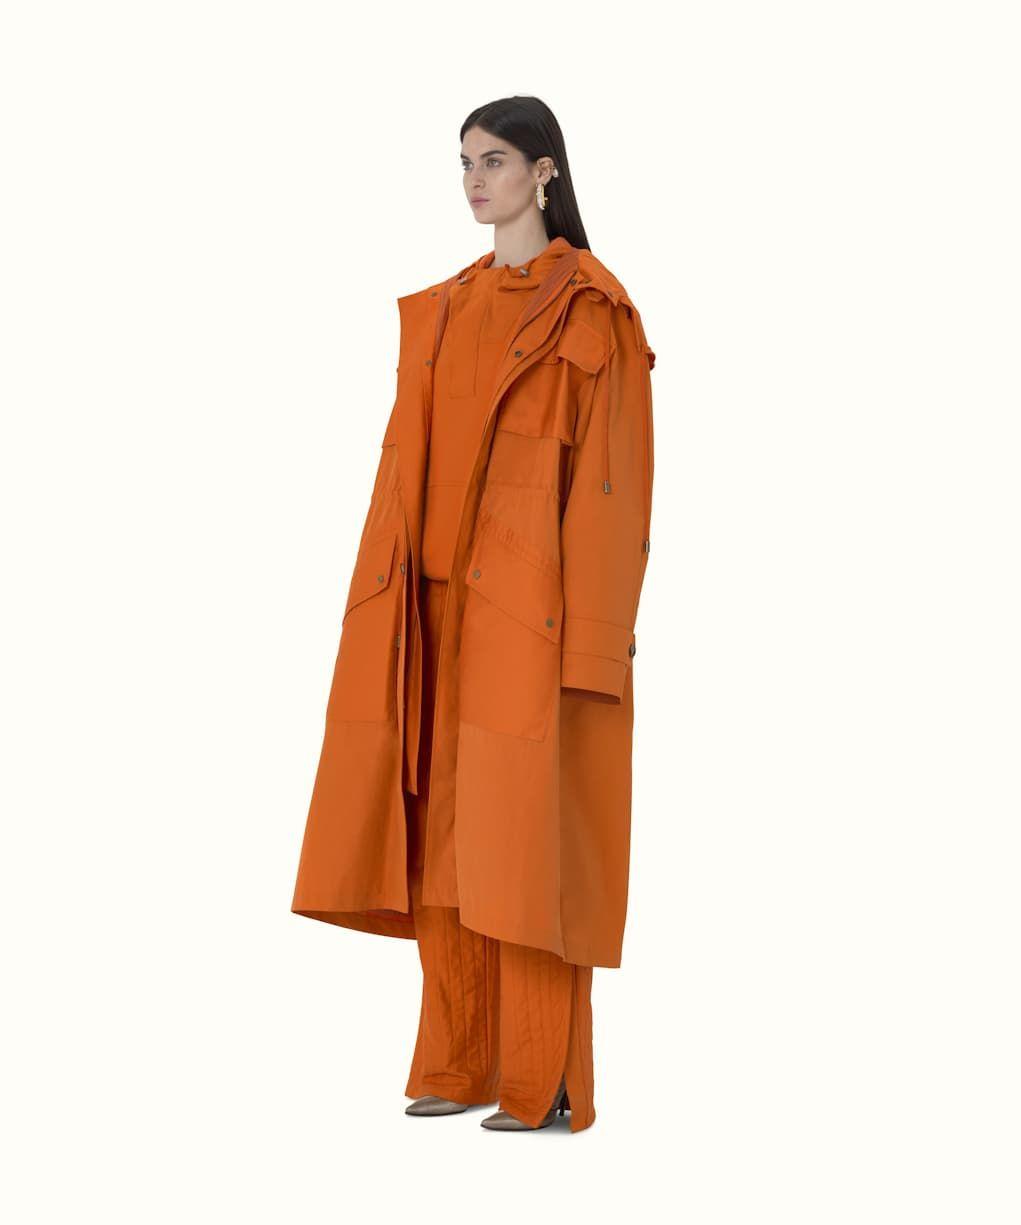 Best winter coats 2020: 50 women's